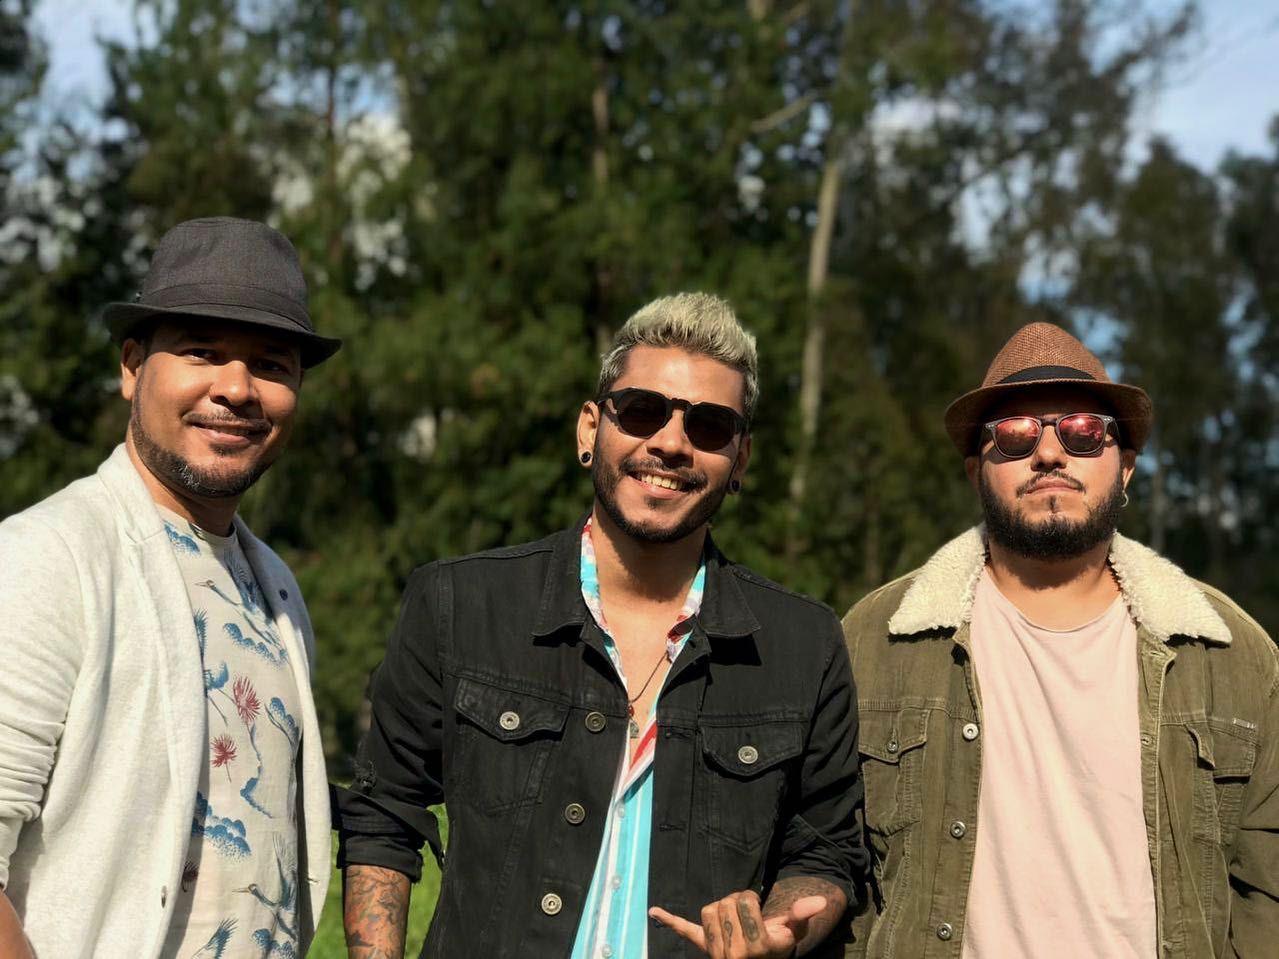 El grupo colombiano Autor Anónimo se une con destacados artistas para cantarle al amor y a la esperanza